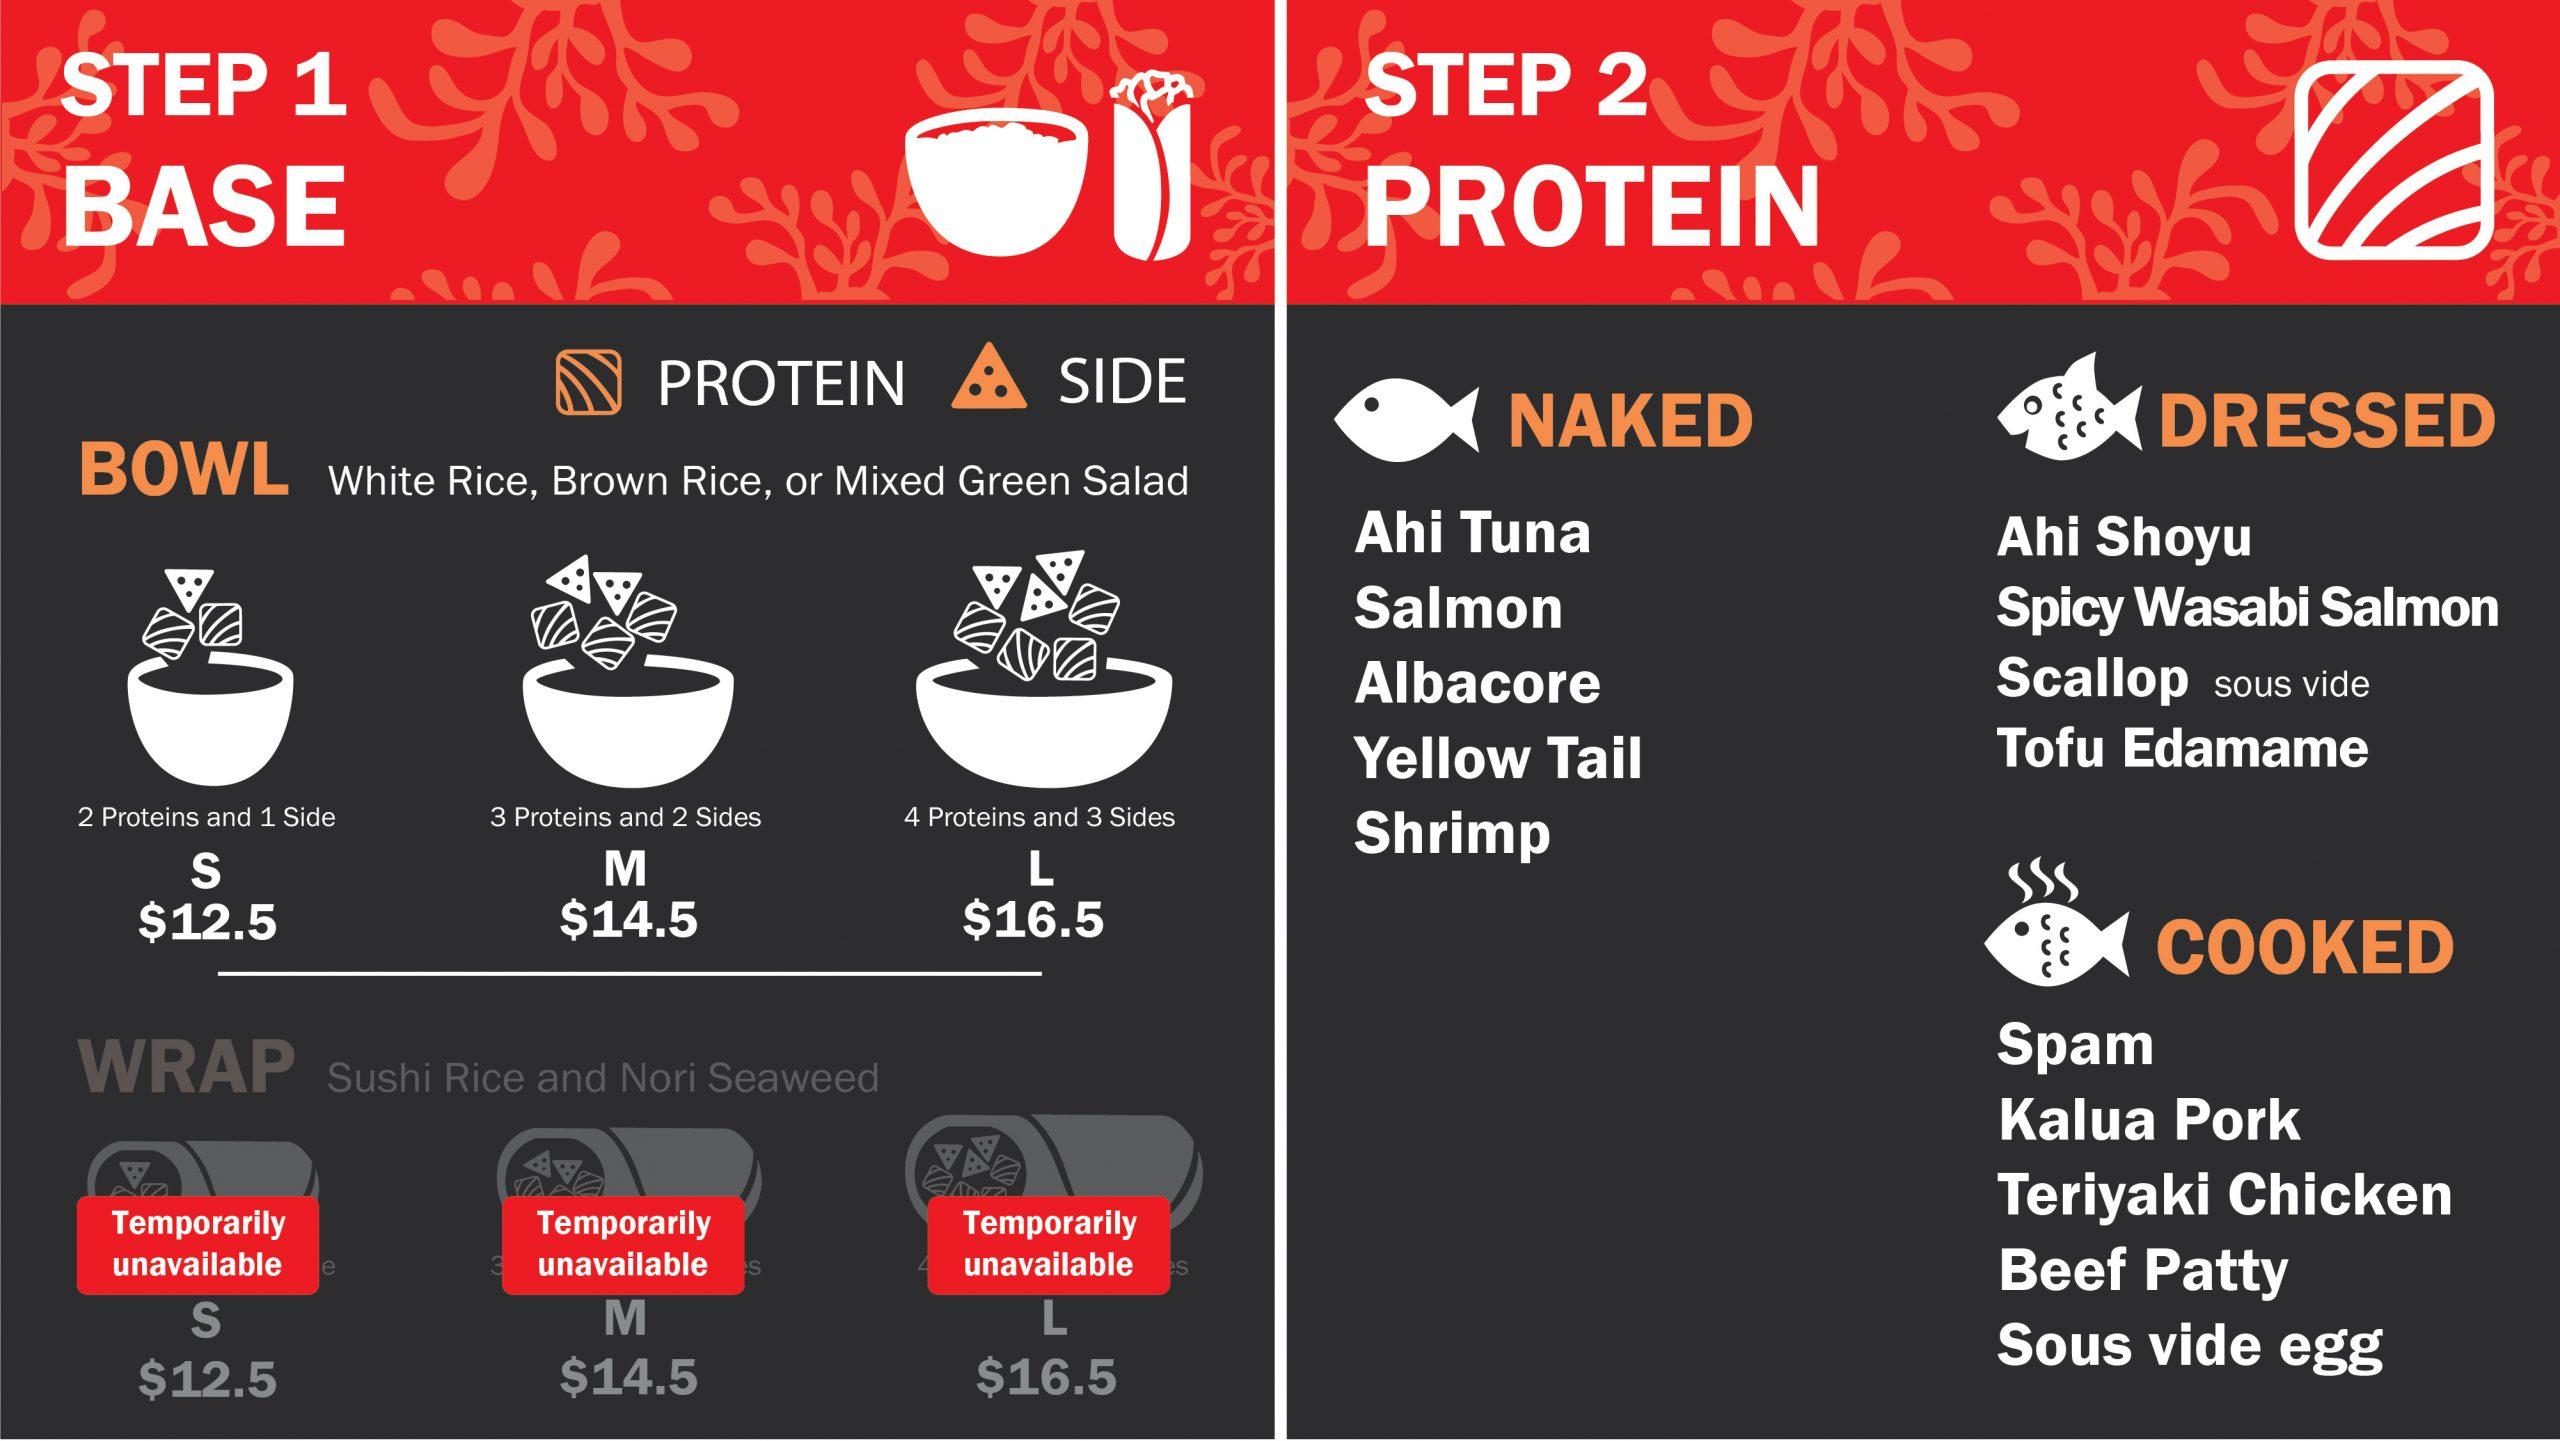 Pokirito Menu Steps 1 and 2